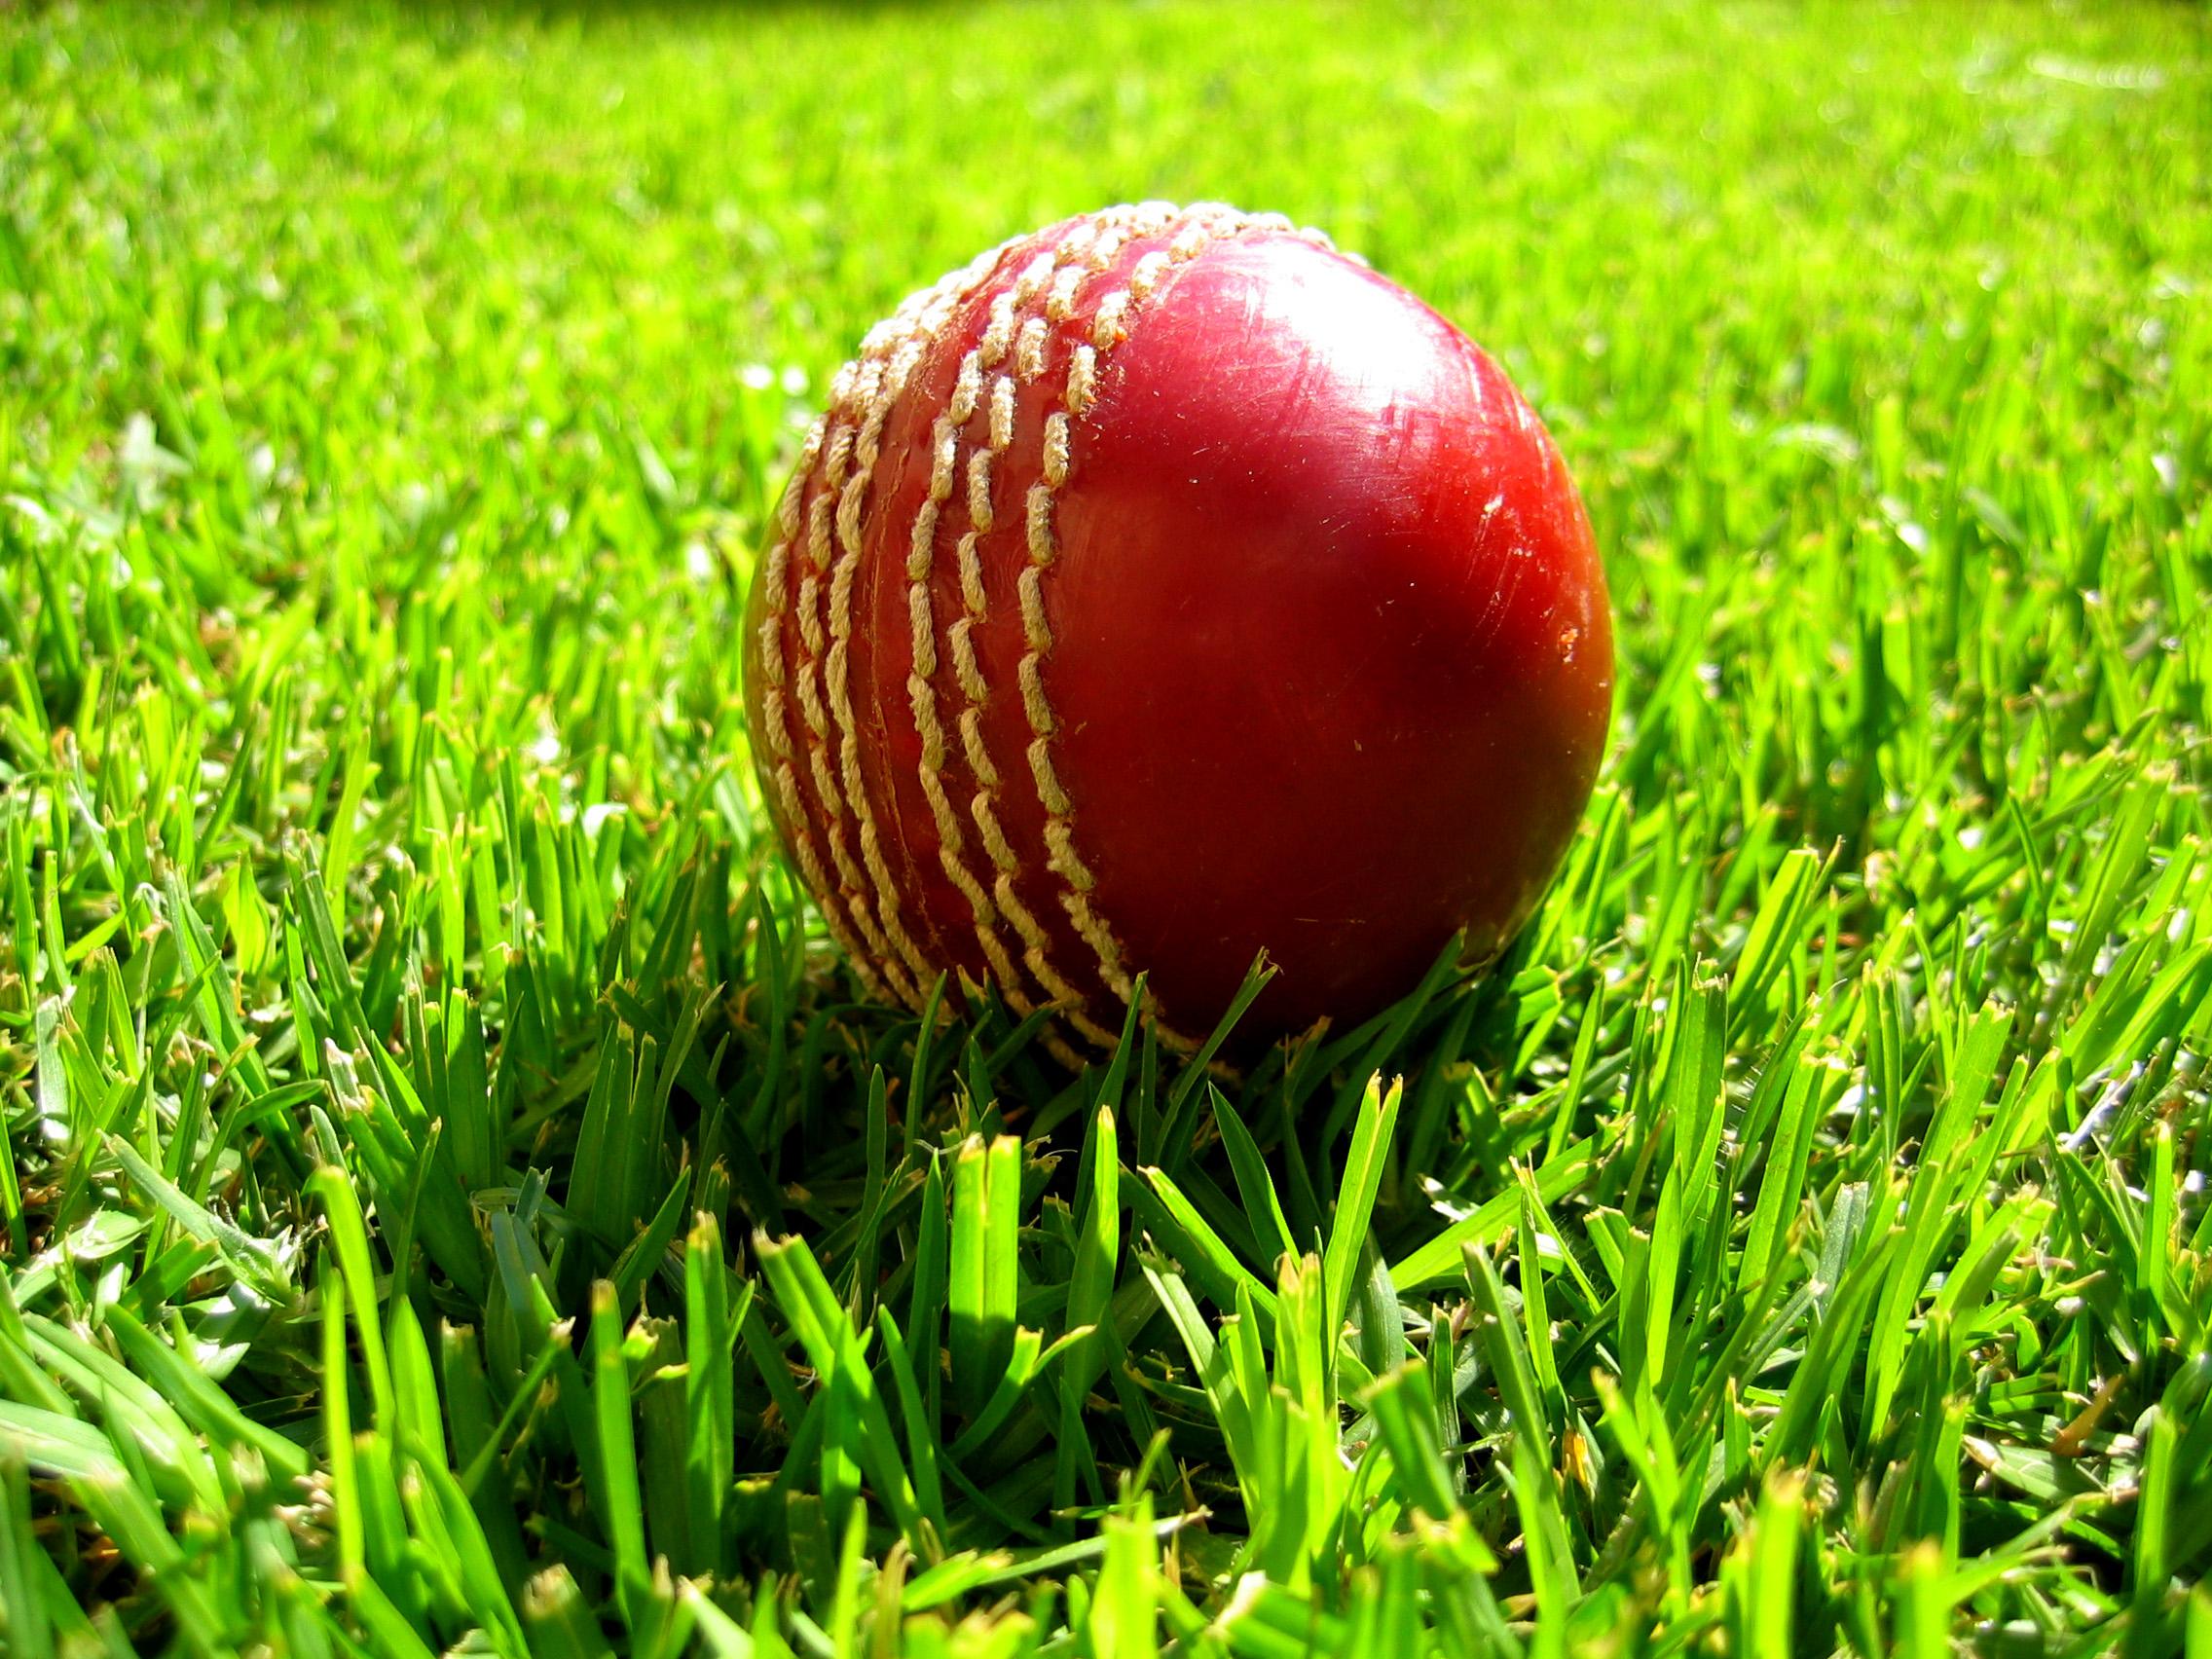 सौराष्ट्र के पूर्व रणजी खिलाड़ी जीतेन्द्र शाह का निधन, परिवार और क्रिकेट संघ में शोक की लहर 11